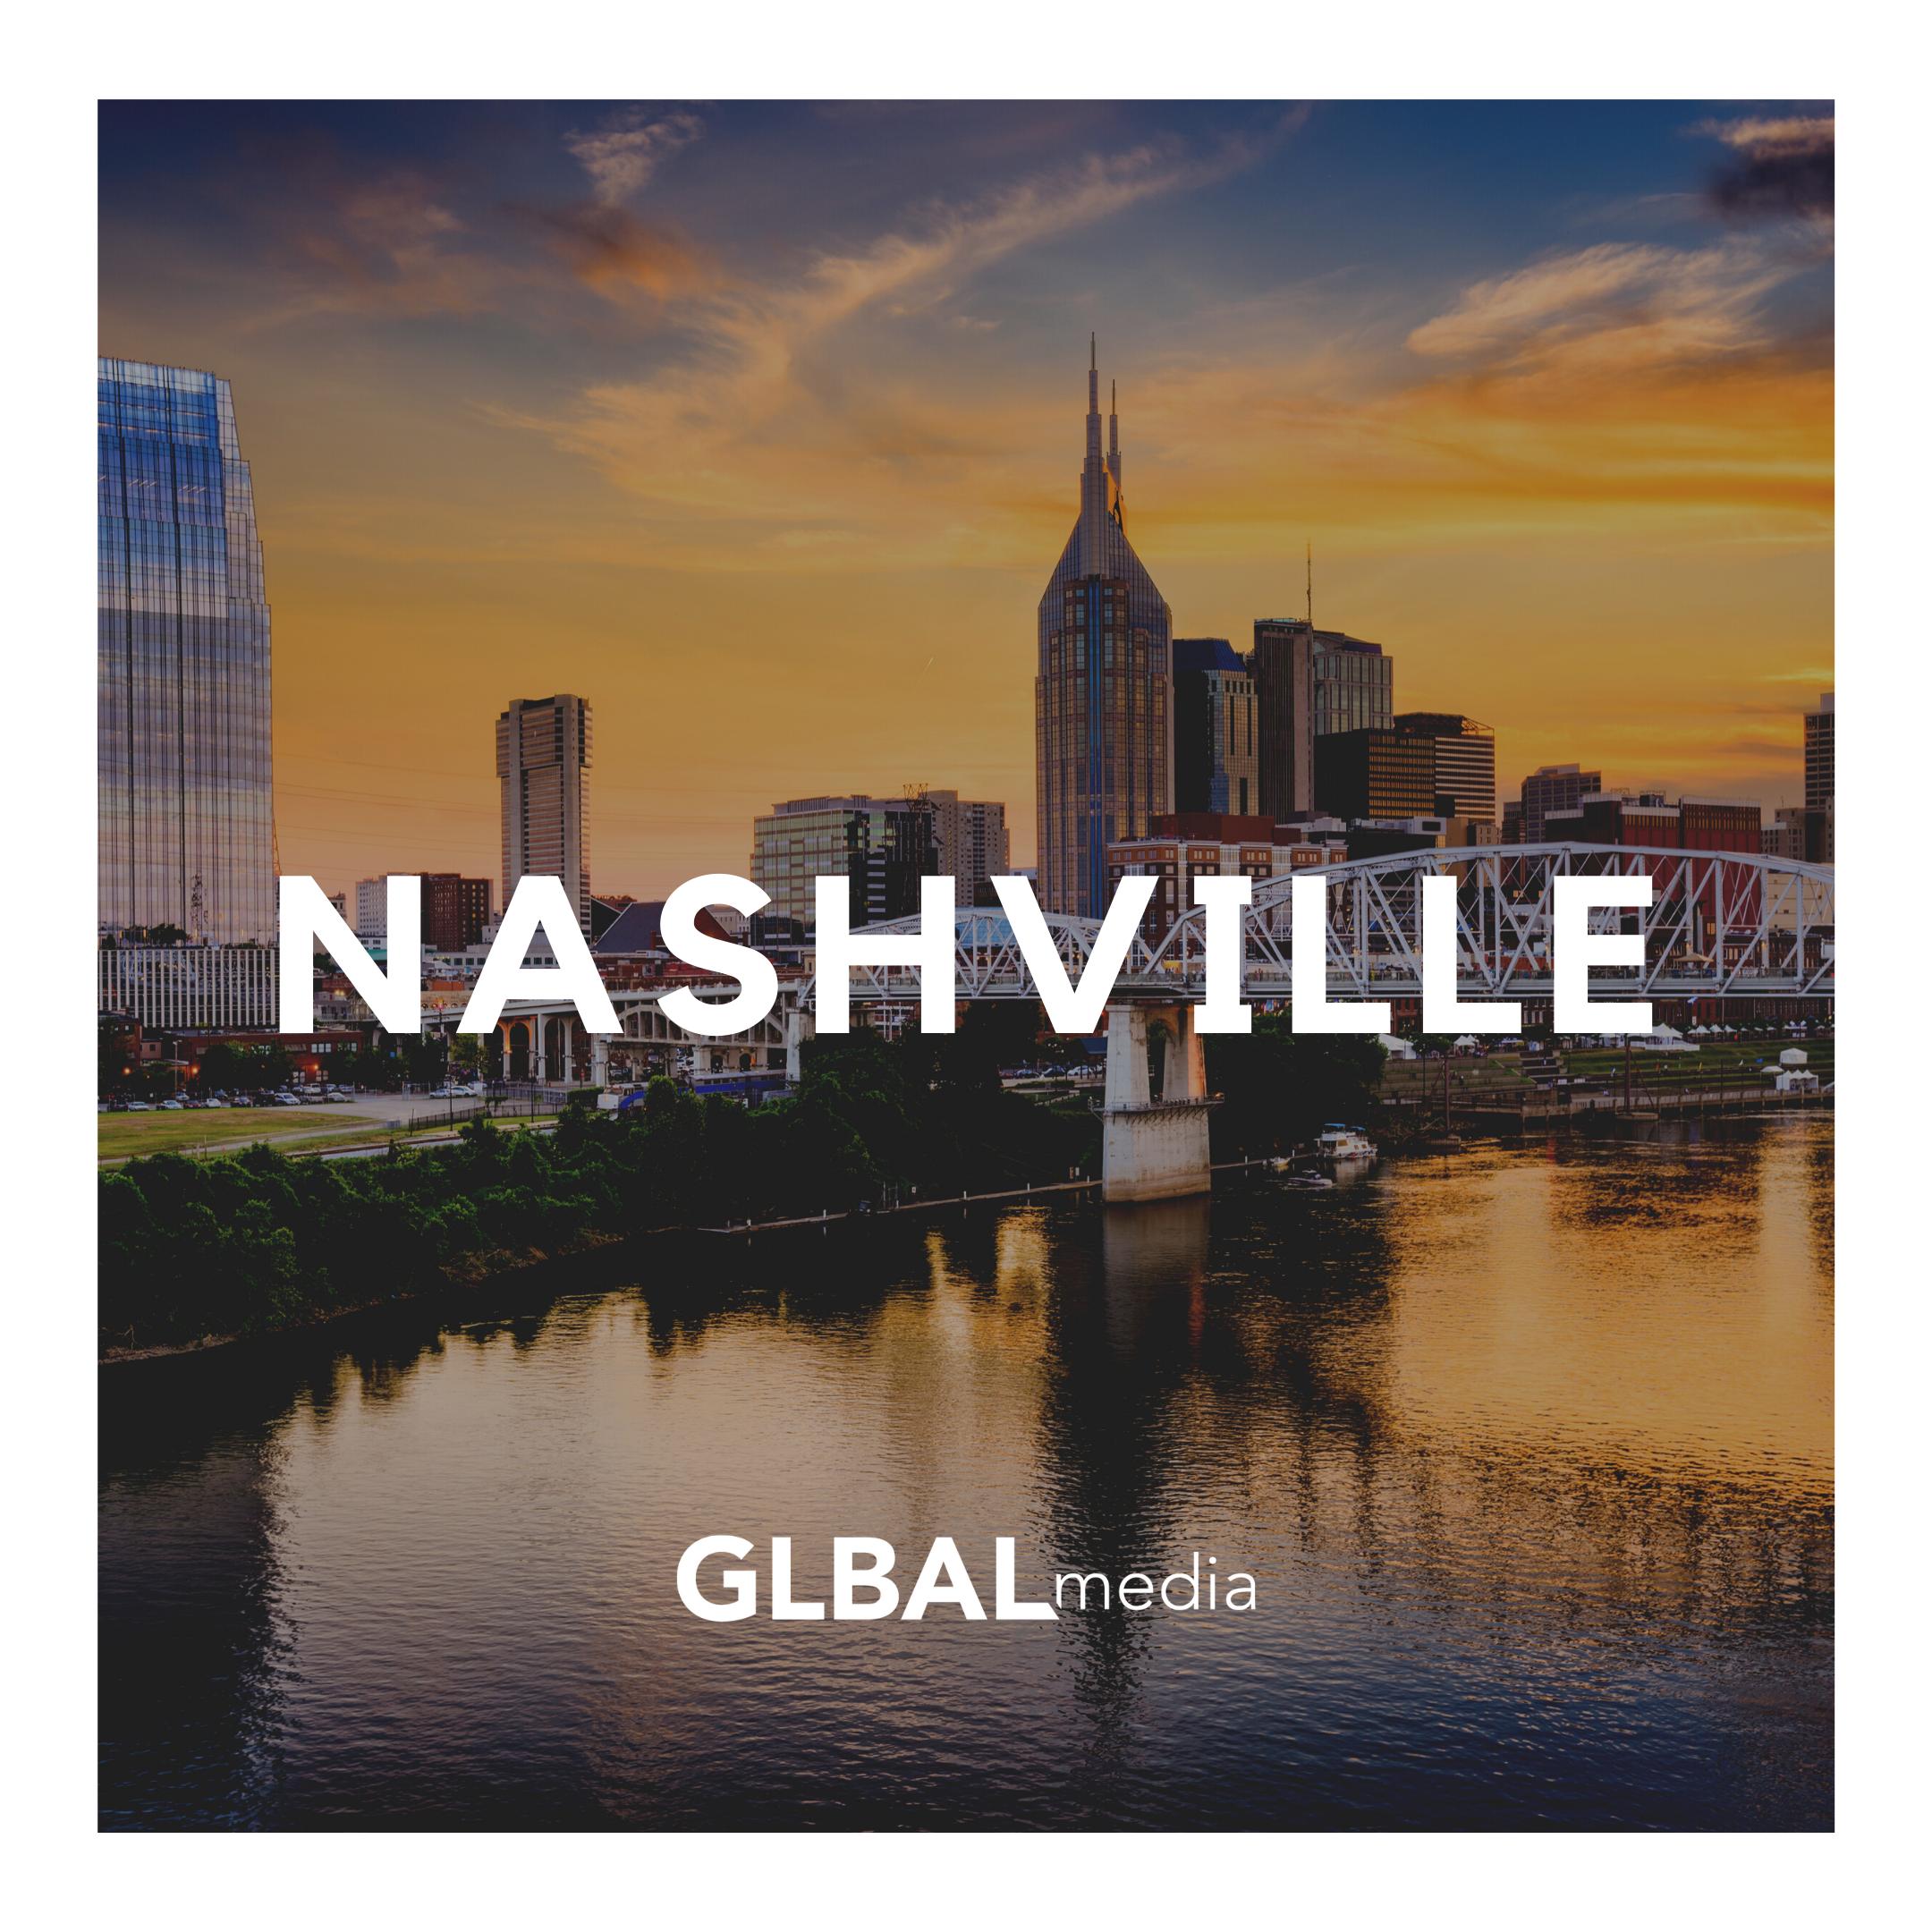 GLBAL media expands to Nashville